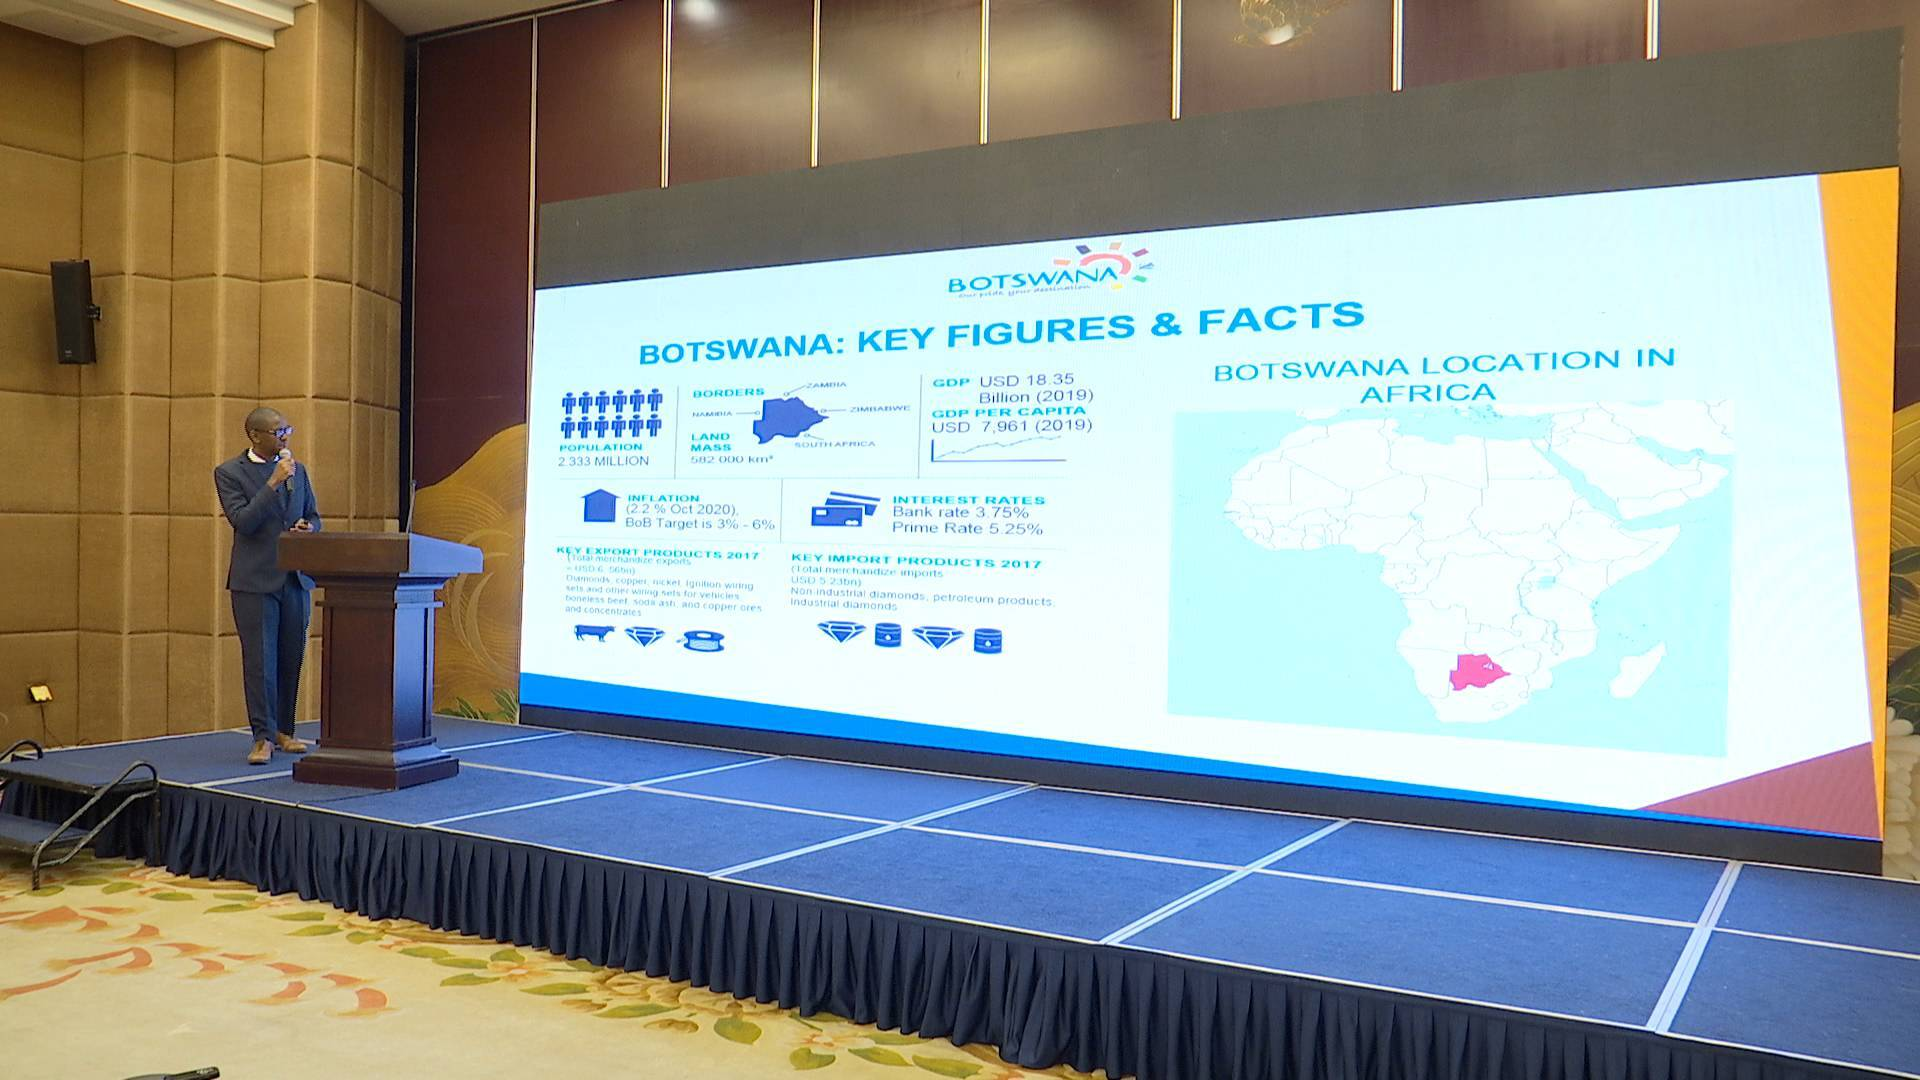 积极推进矿业、基建、产能和农业合作!博茨瓦纳投资推介会今日召开